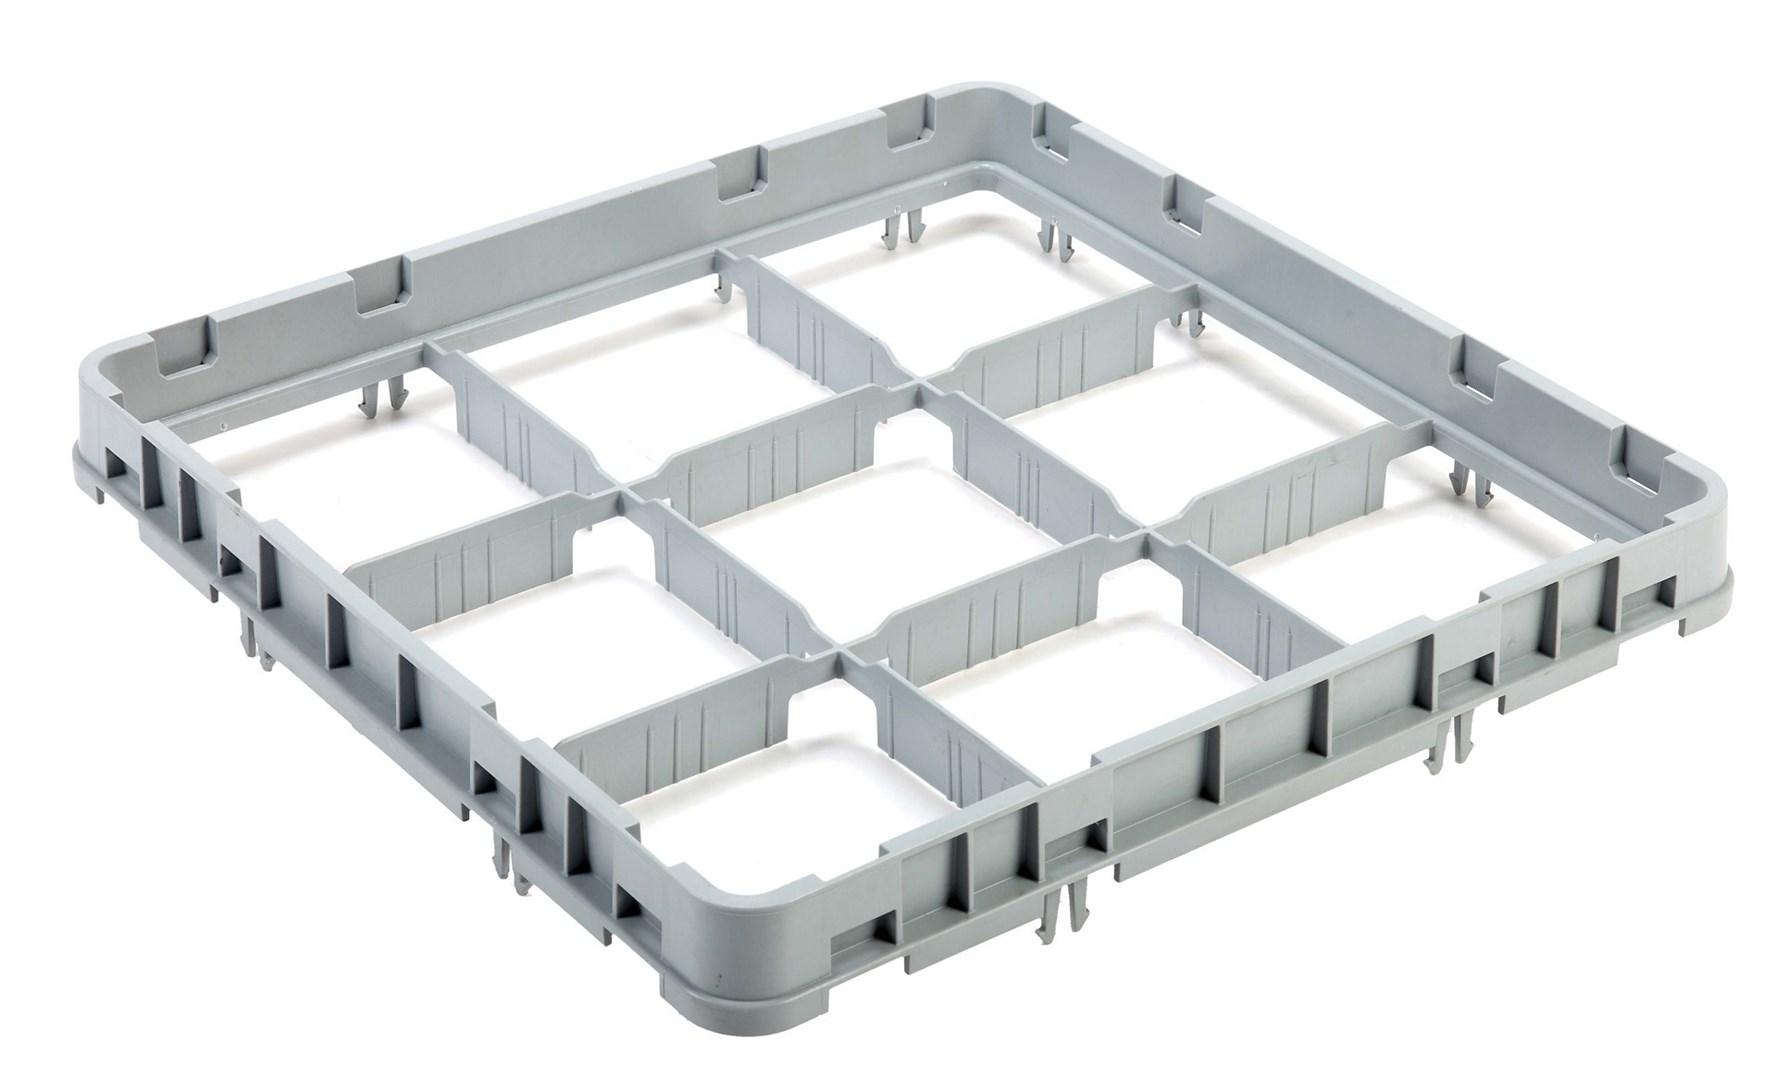 Productafbeelding Vaatwaskorf verhoger 9 compartimenten max  Ø14.8cm